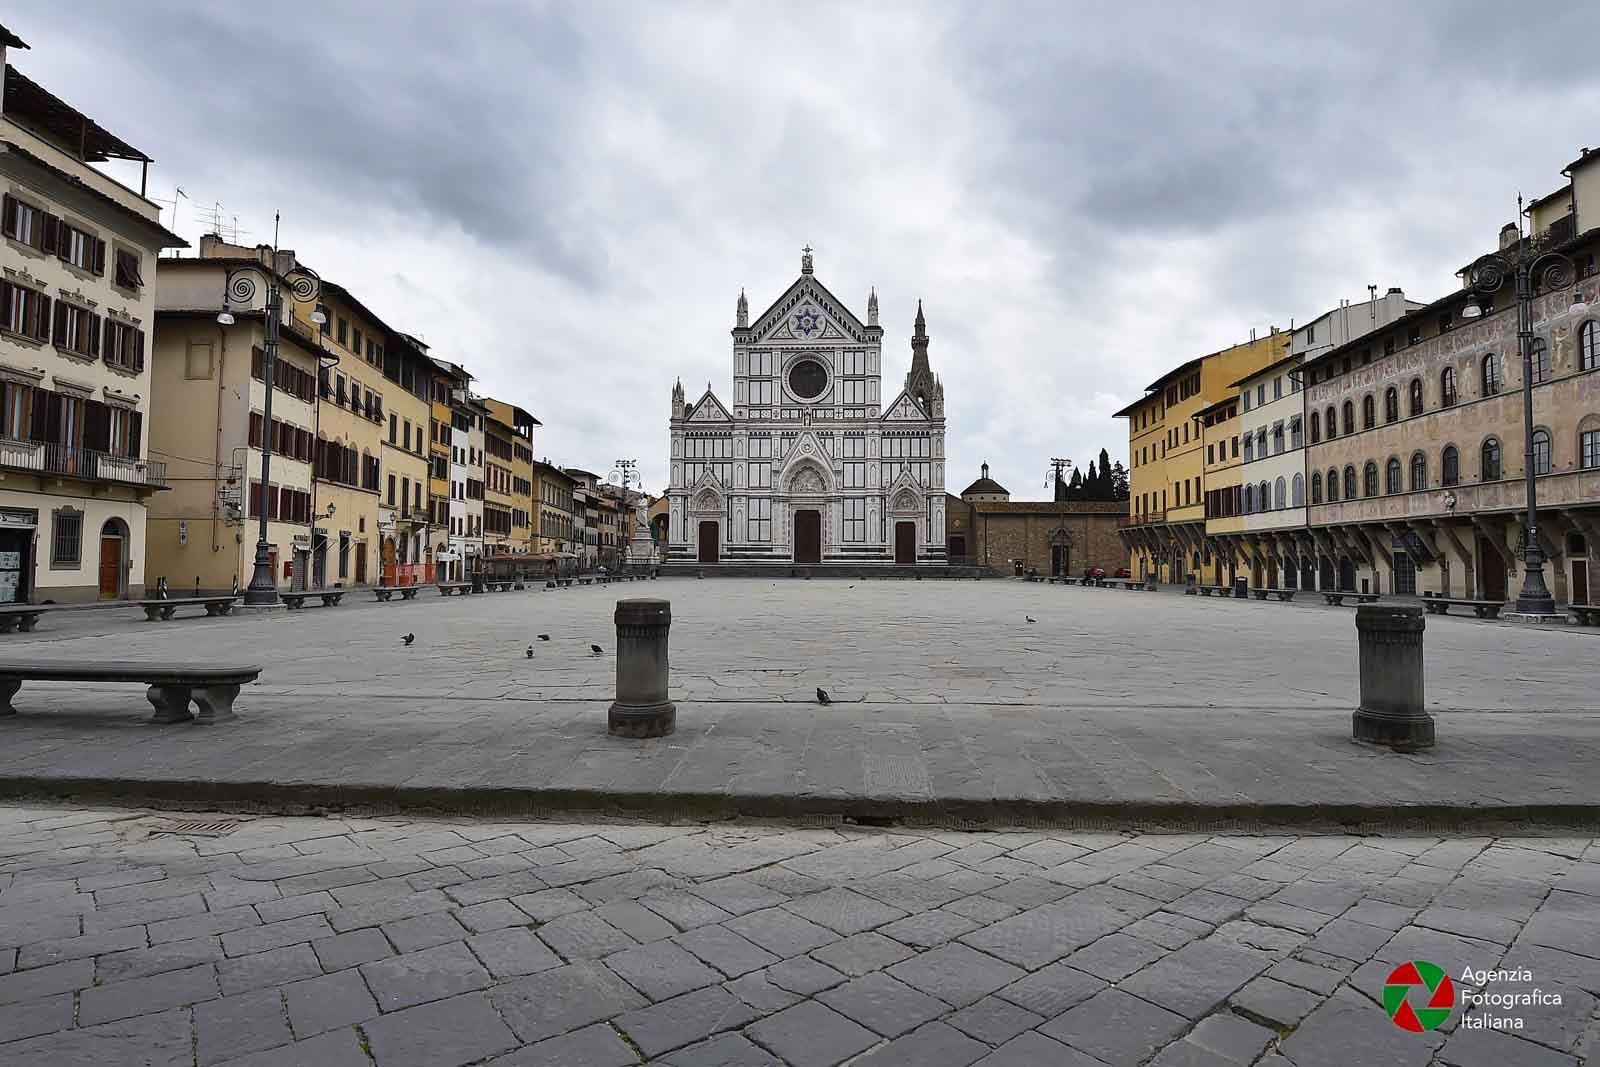 Firenze deserta nei giorni del coronavirus - Le foto